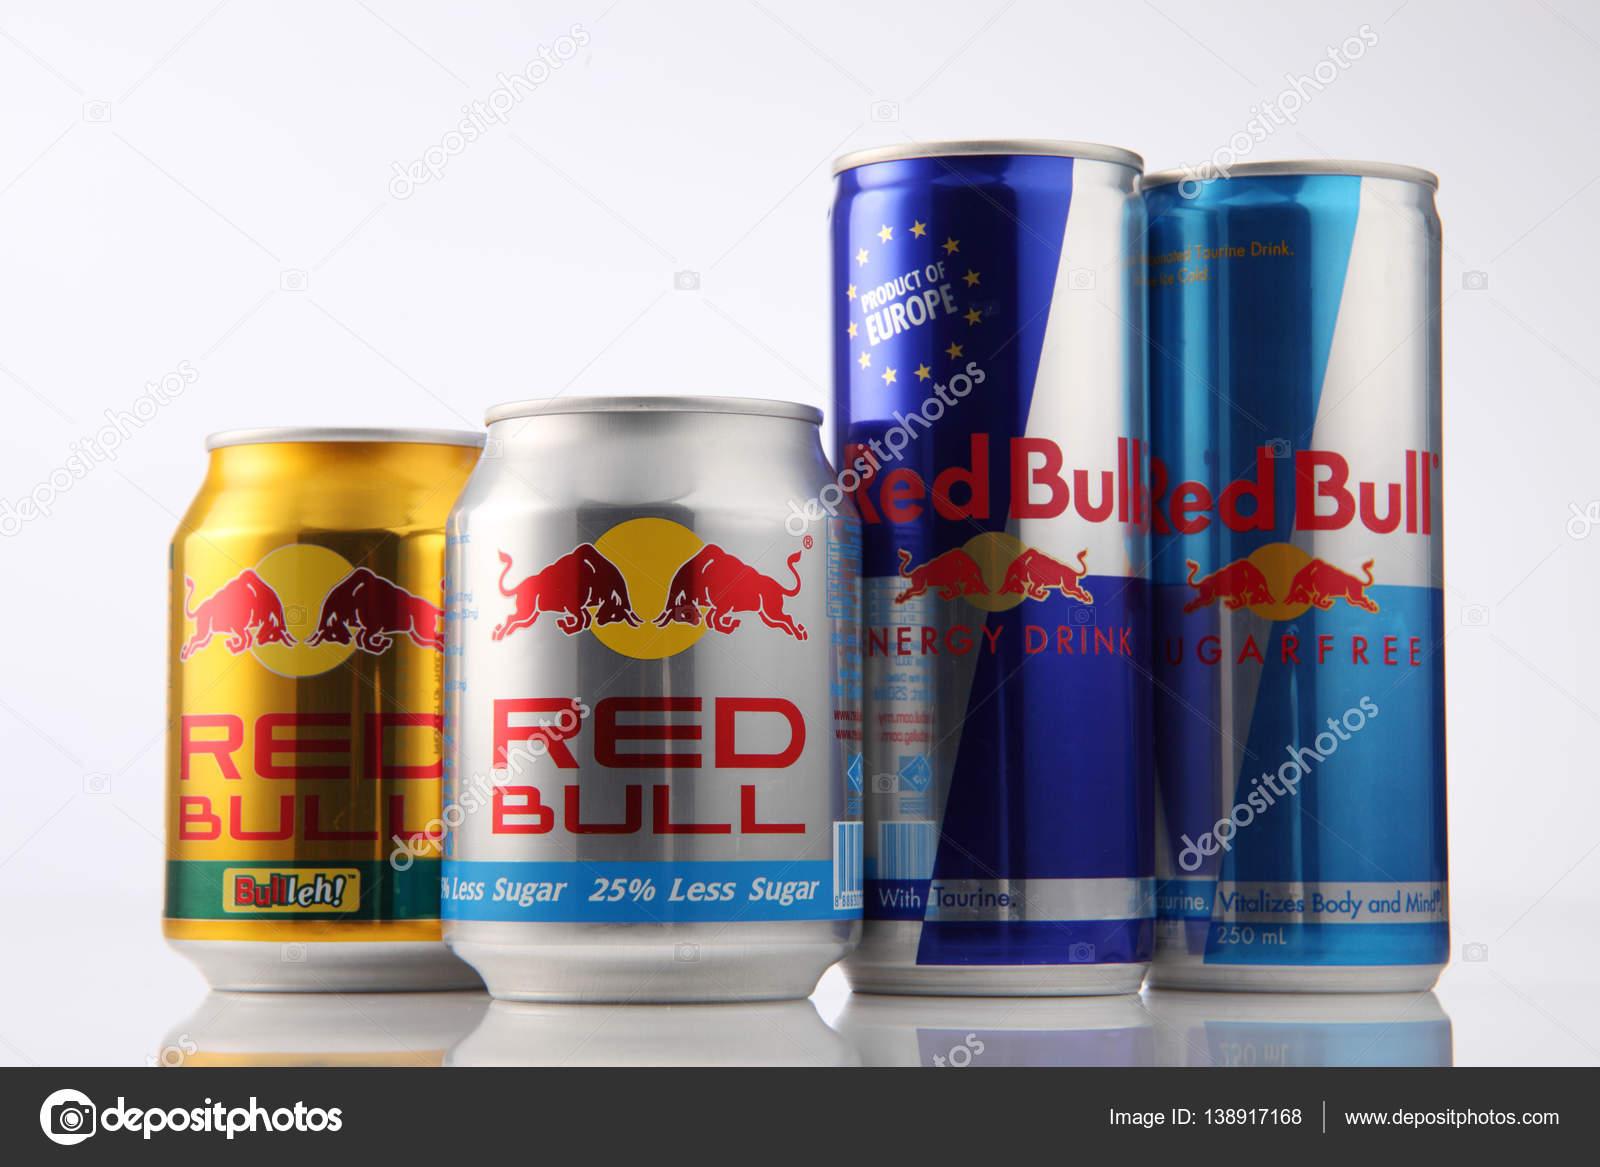 Red Bull Kühlschrank : Red bull gruppe aluminiumdosen u2014 redaktionelles stockfoto © eskaylim